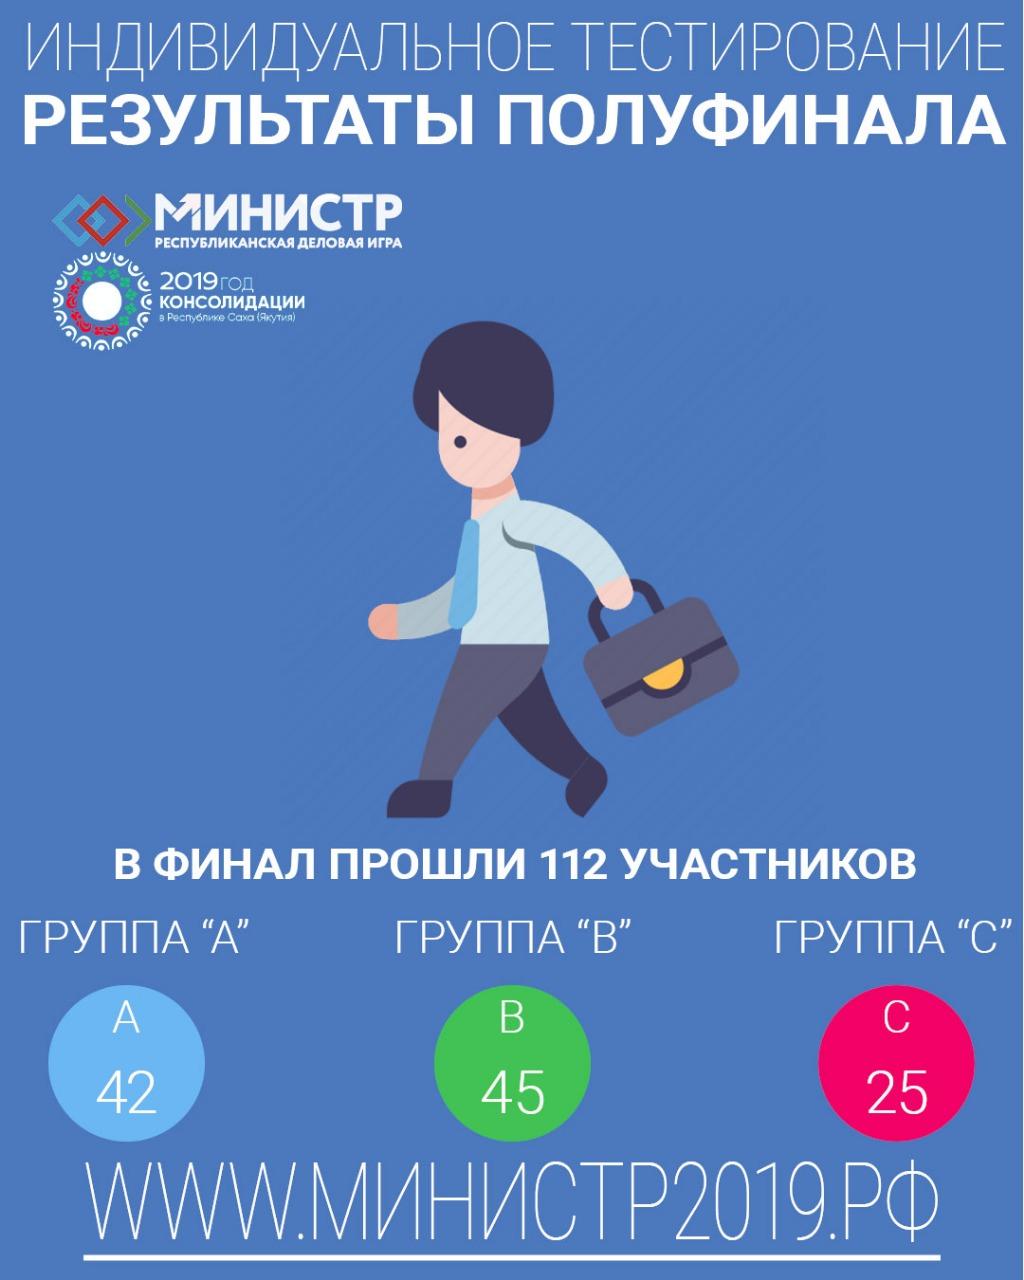 К финалу Республиканской деловой игры «МИНИСТР» допущены 112 участников